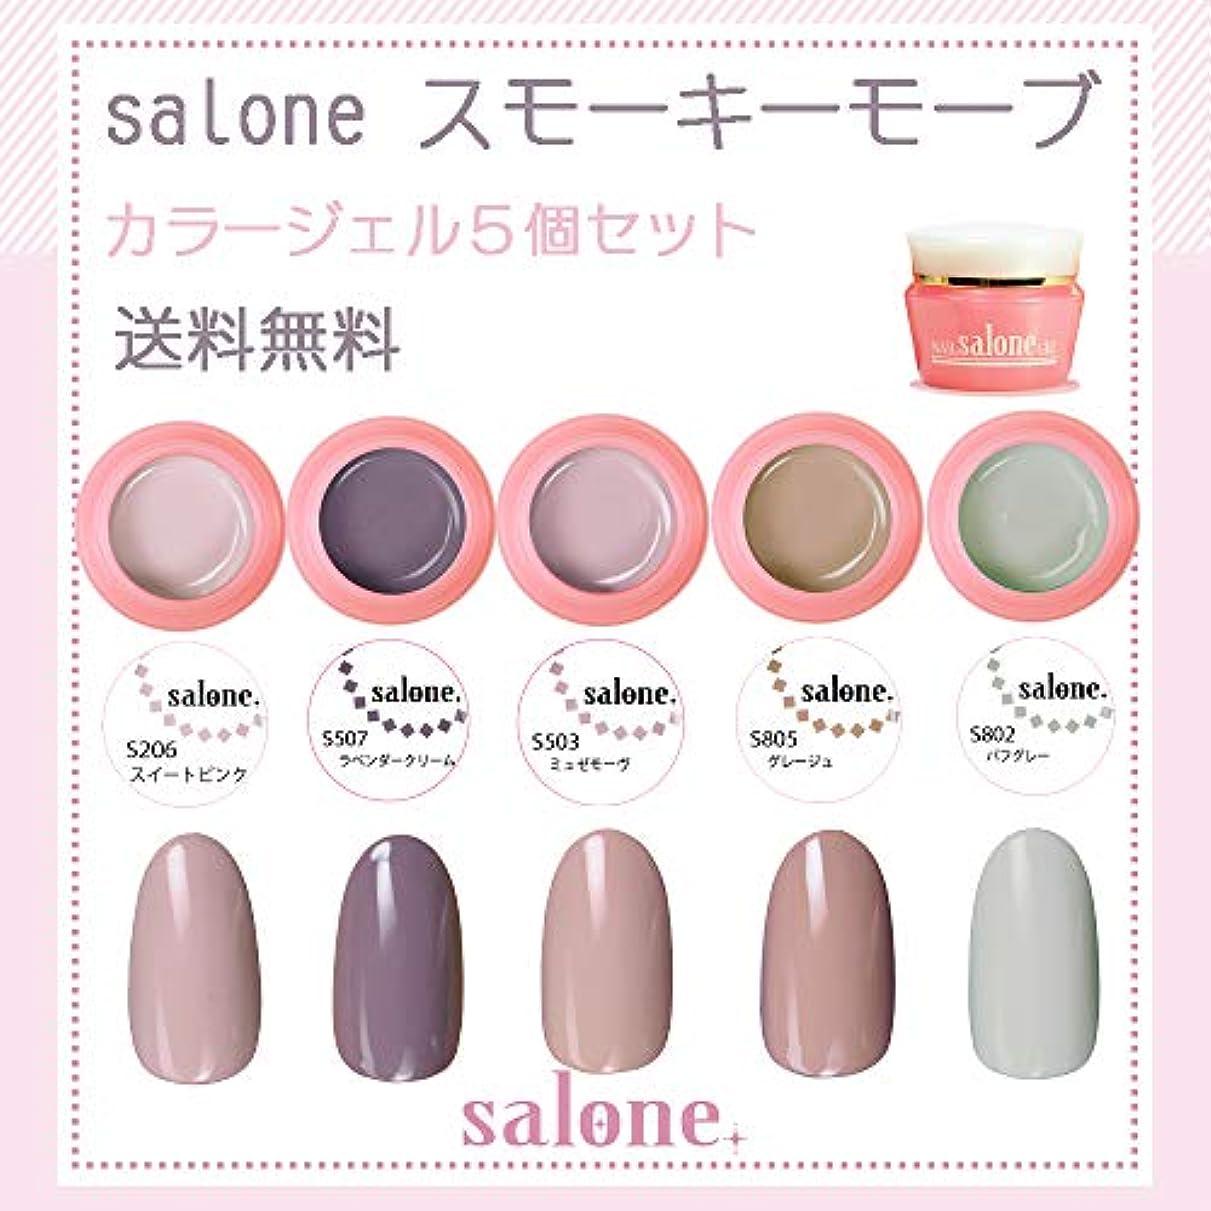 四半期重なる命令【送料無料 日本製】Salone スモーキーモーブ カラージェル5個セット スモーキーで肌なじみの良い人気カラー